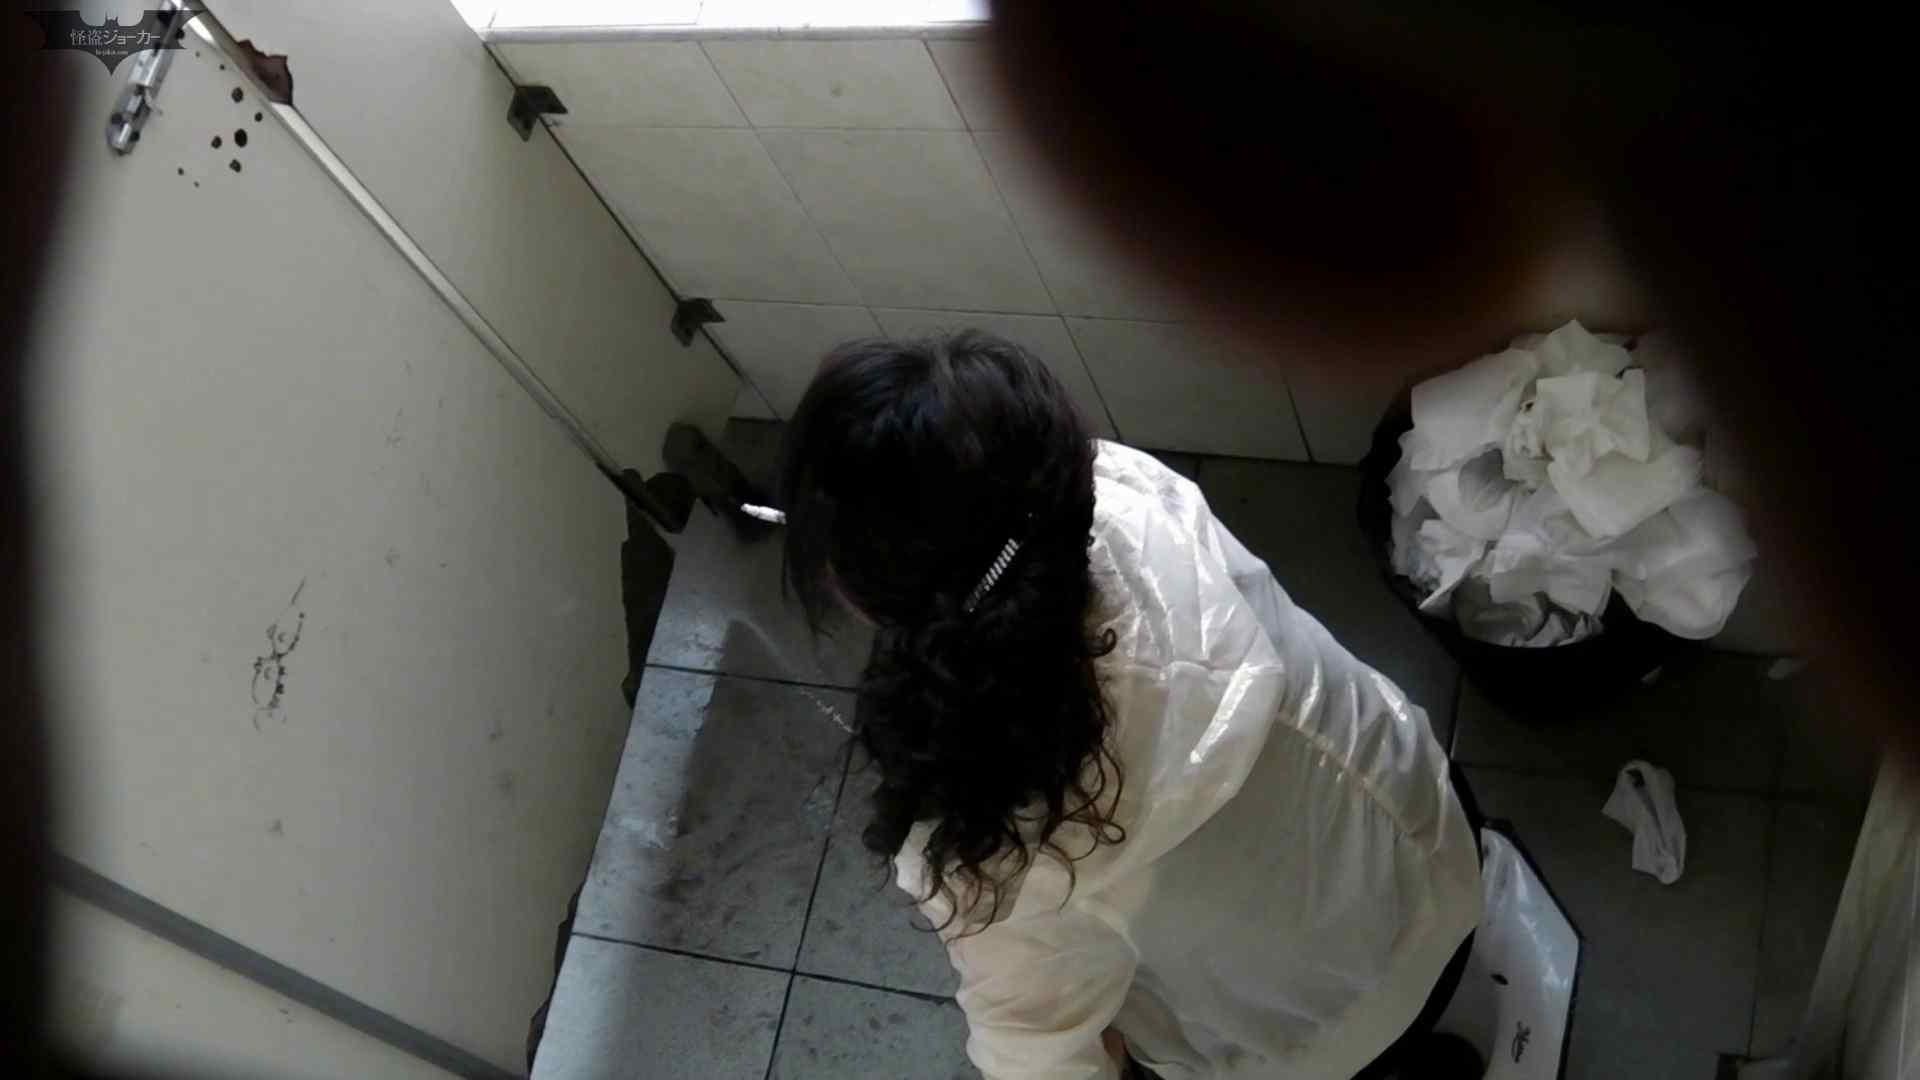 ステーション編 vol.26 壁を乗り越えたら絶景が待っていた!! 洗面所 オマンコ動画キャプチャ 100画像 76